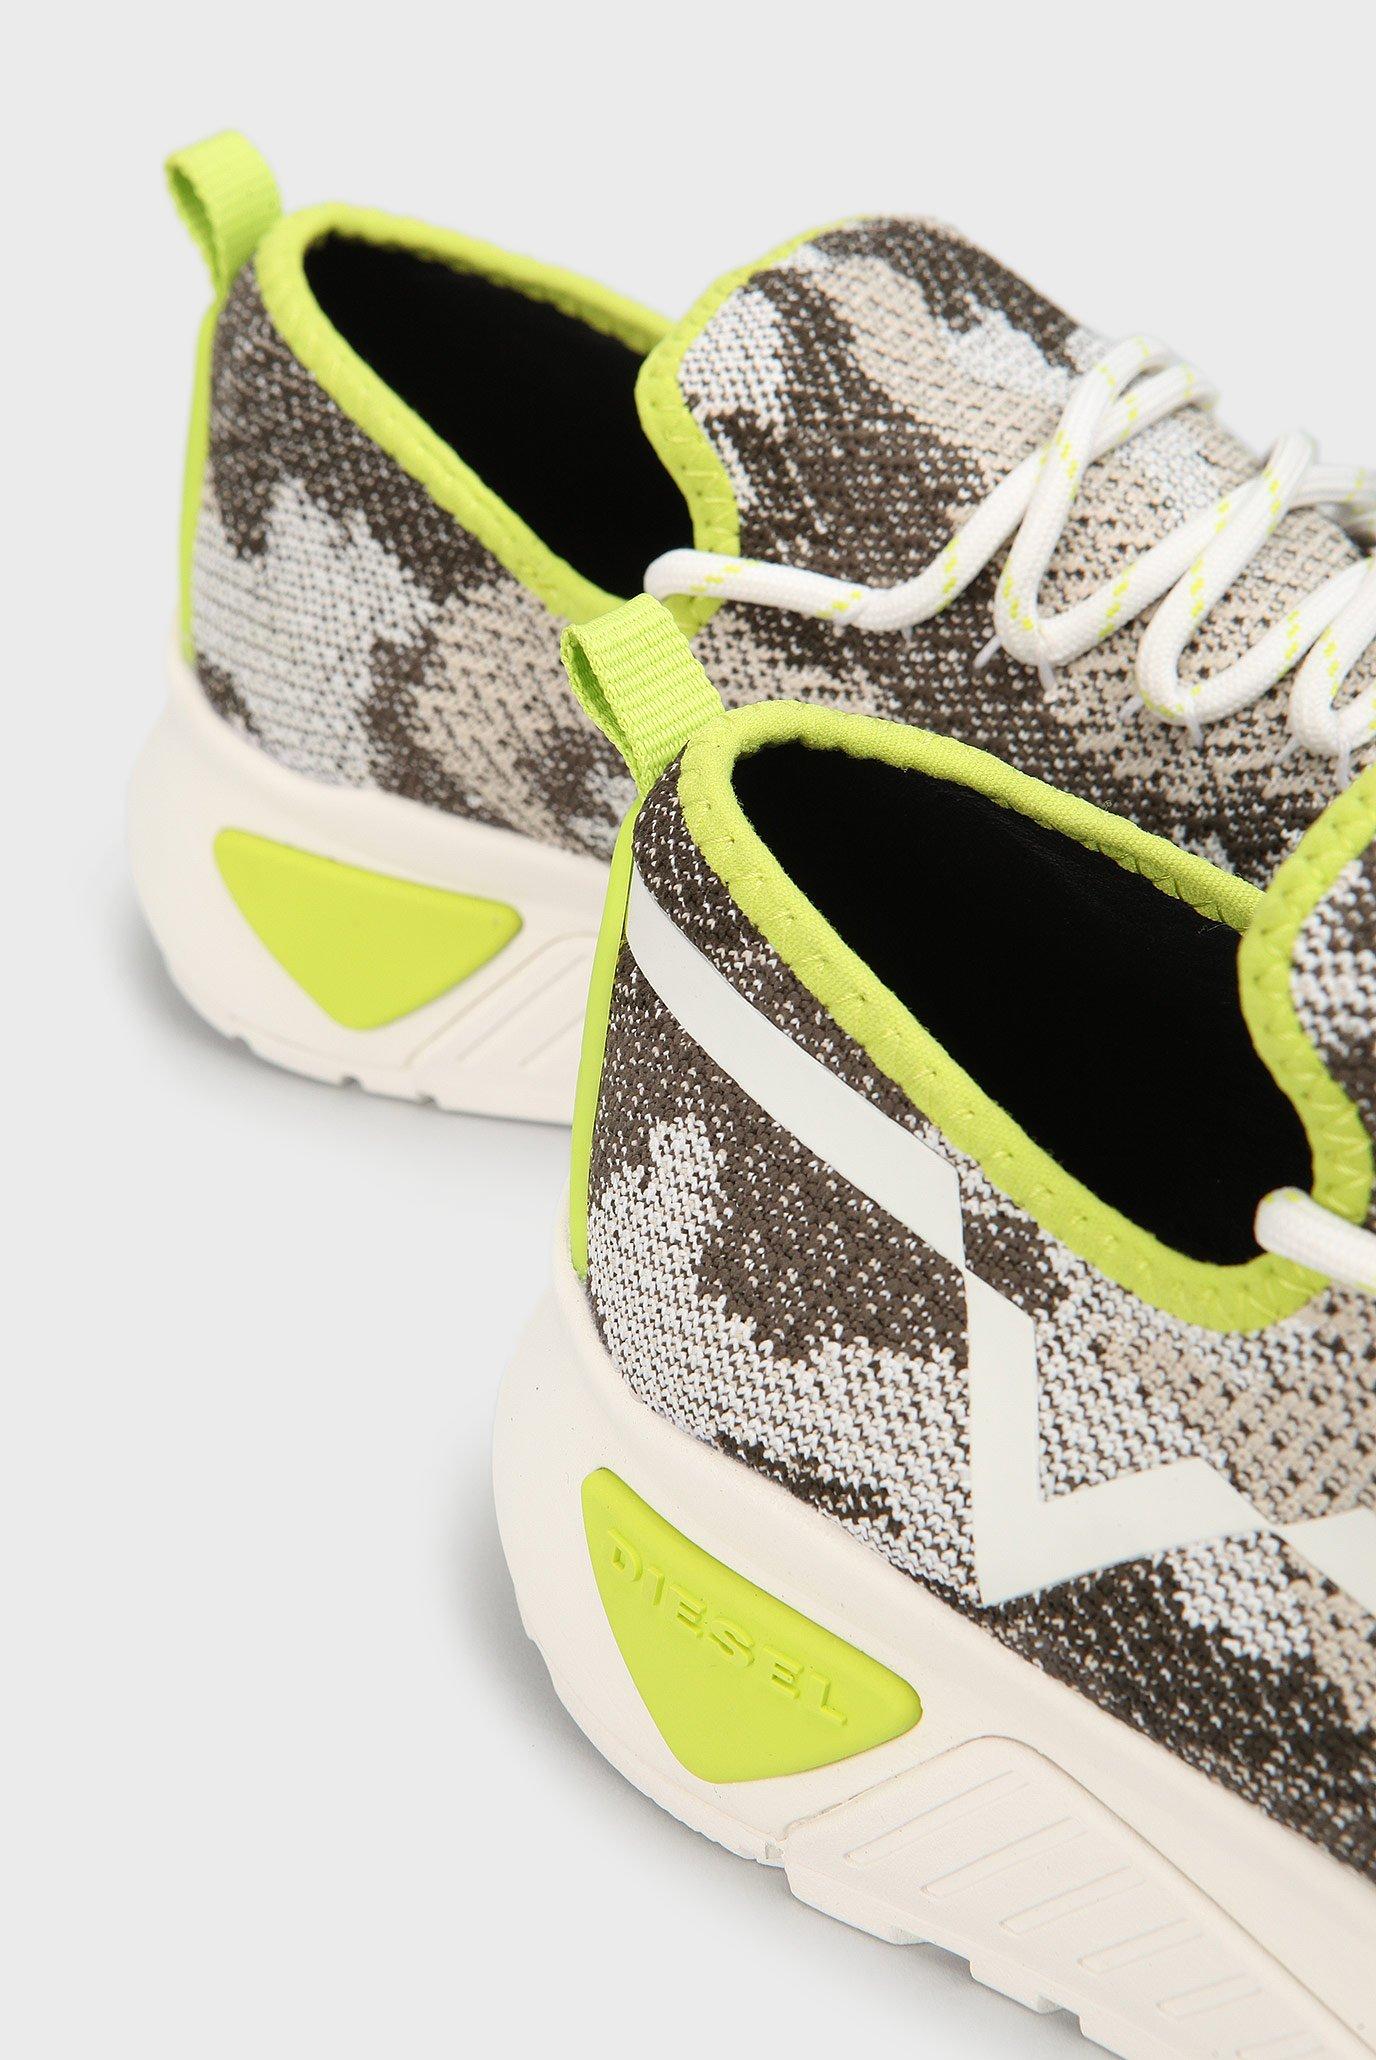 Купить Мужские зеленые камуфляжные кроссовки  Diesel Diesel Y01534 P1349 – Киев, Украина. Цены в интернет магазине MD Fashion